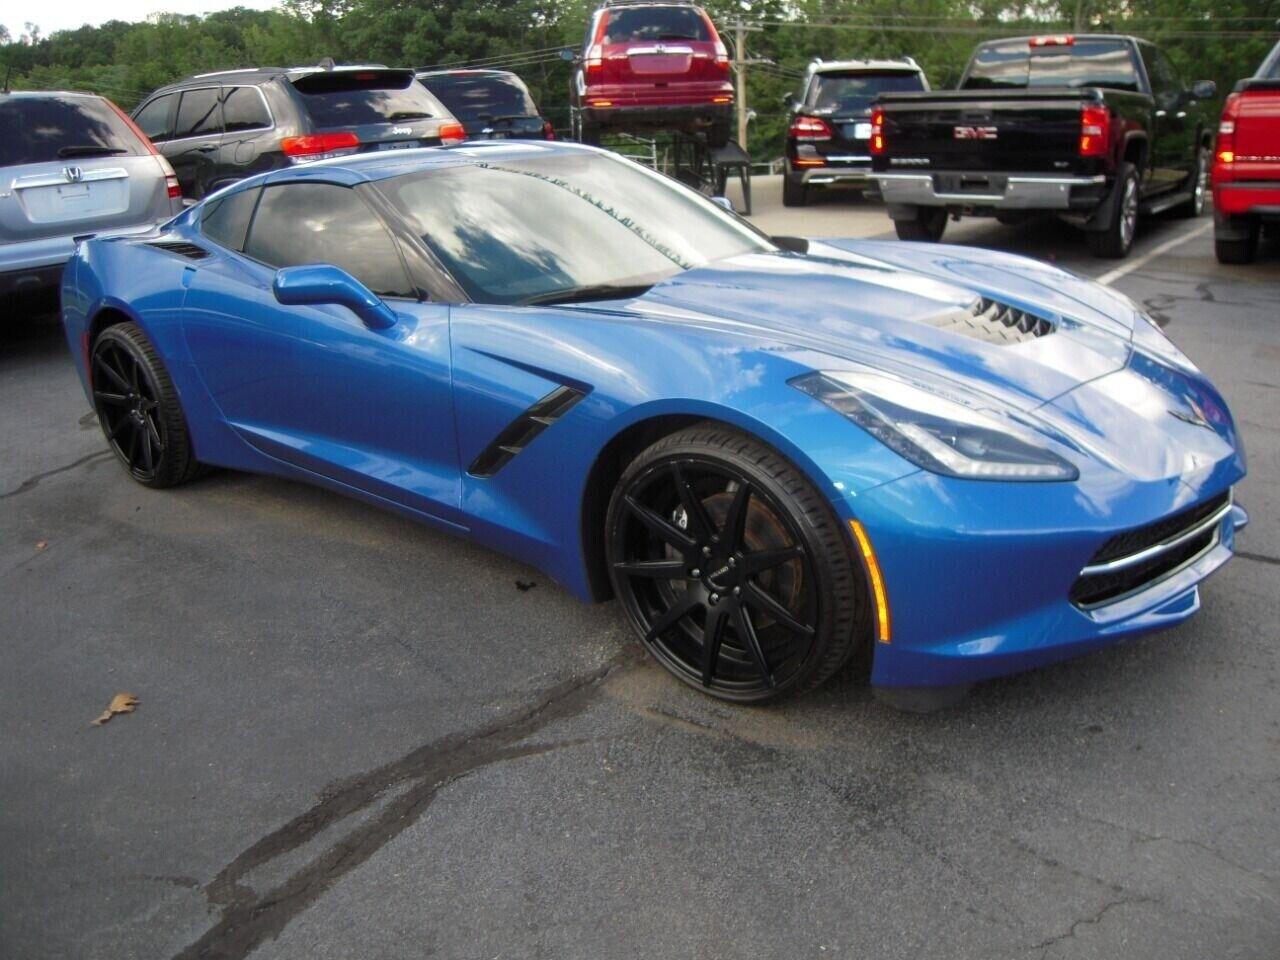 2014 Blue Chevrolet Corvette  1LT | C7 Corvette Photo 7